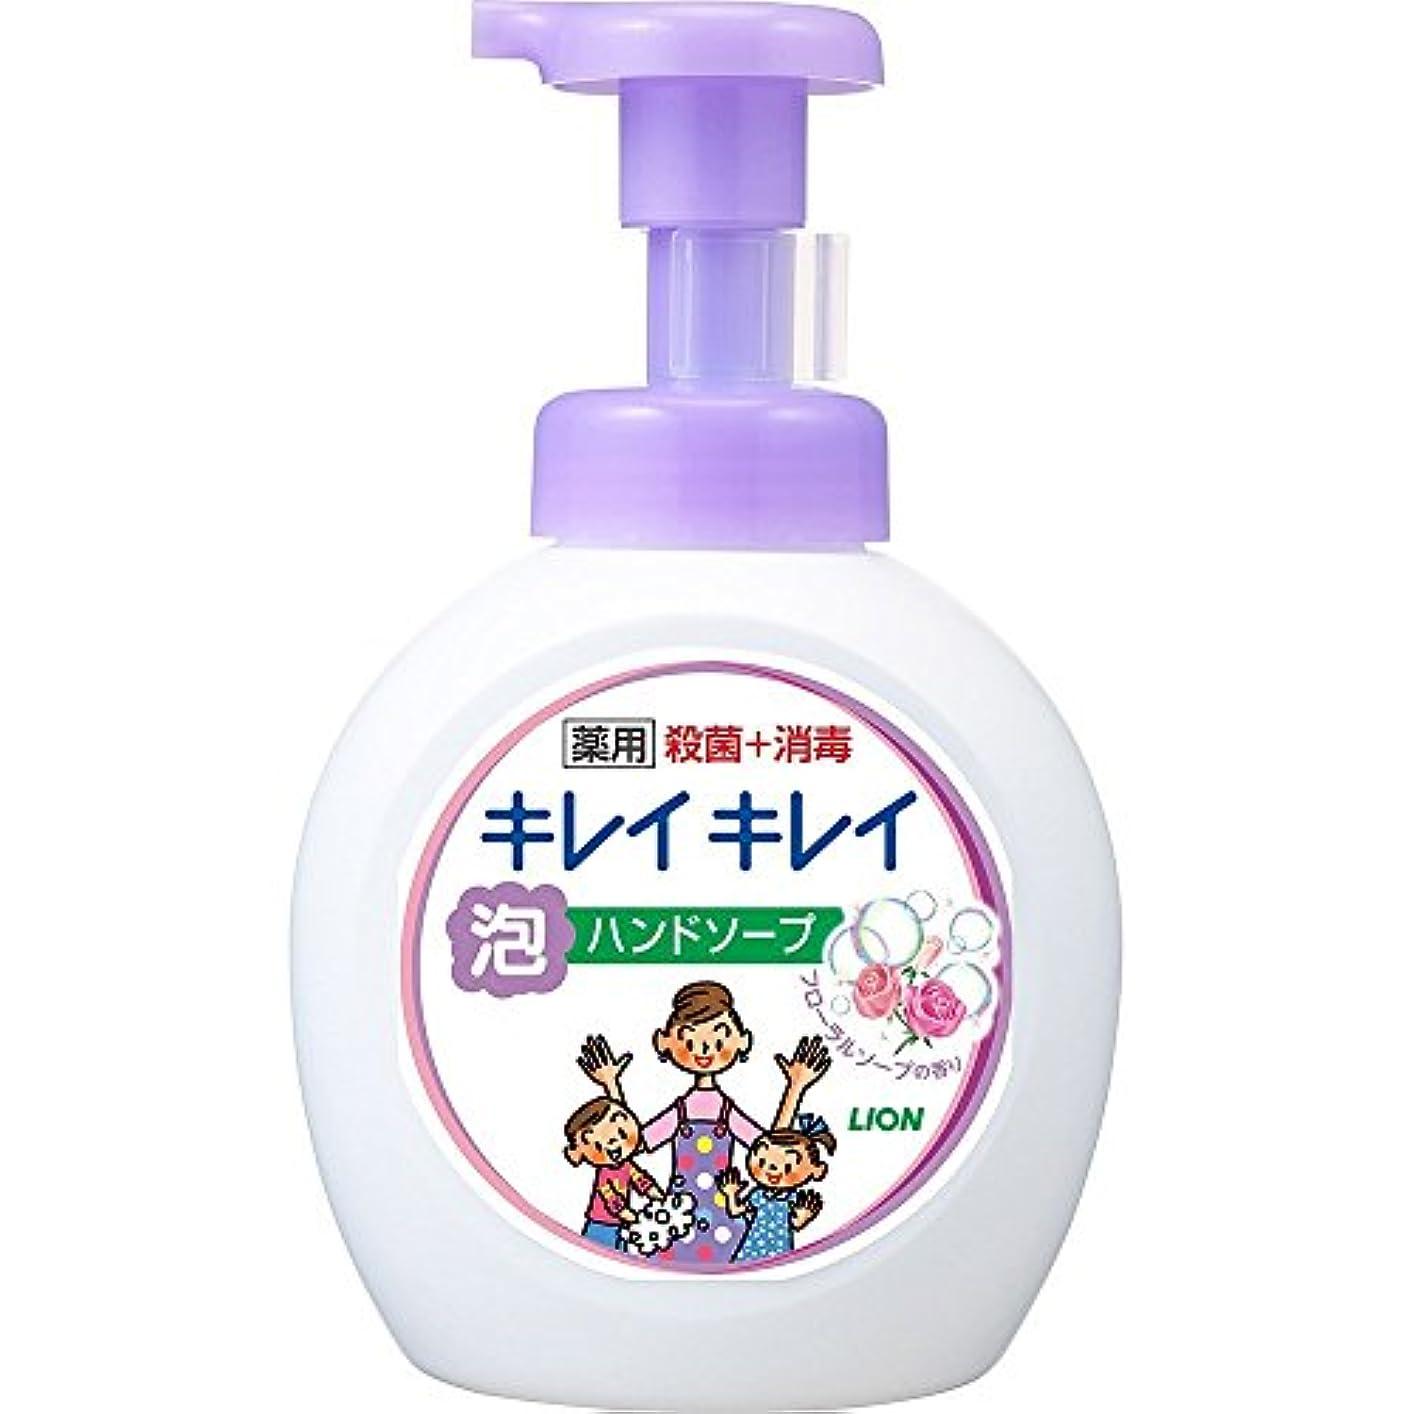 啓発する私ロッドキレイキレイ 薬用 泡ハンドソープ フローラルソープの香り 本体ポンプ 大型サイズ 500ml(医薬部外品)